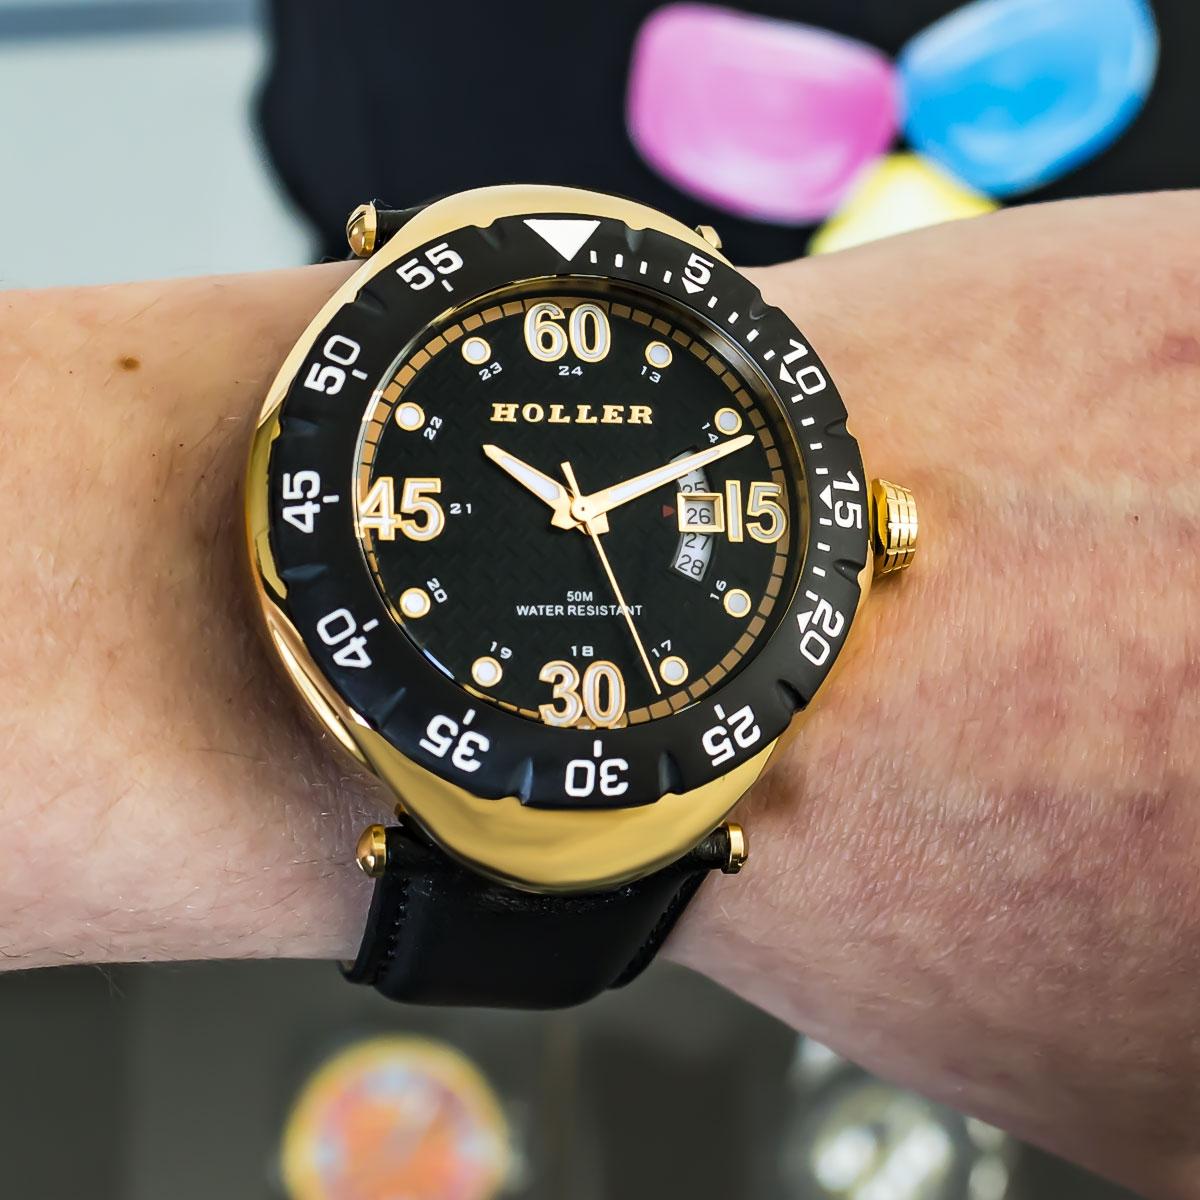 Goldwax Gold Watch